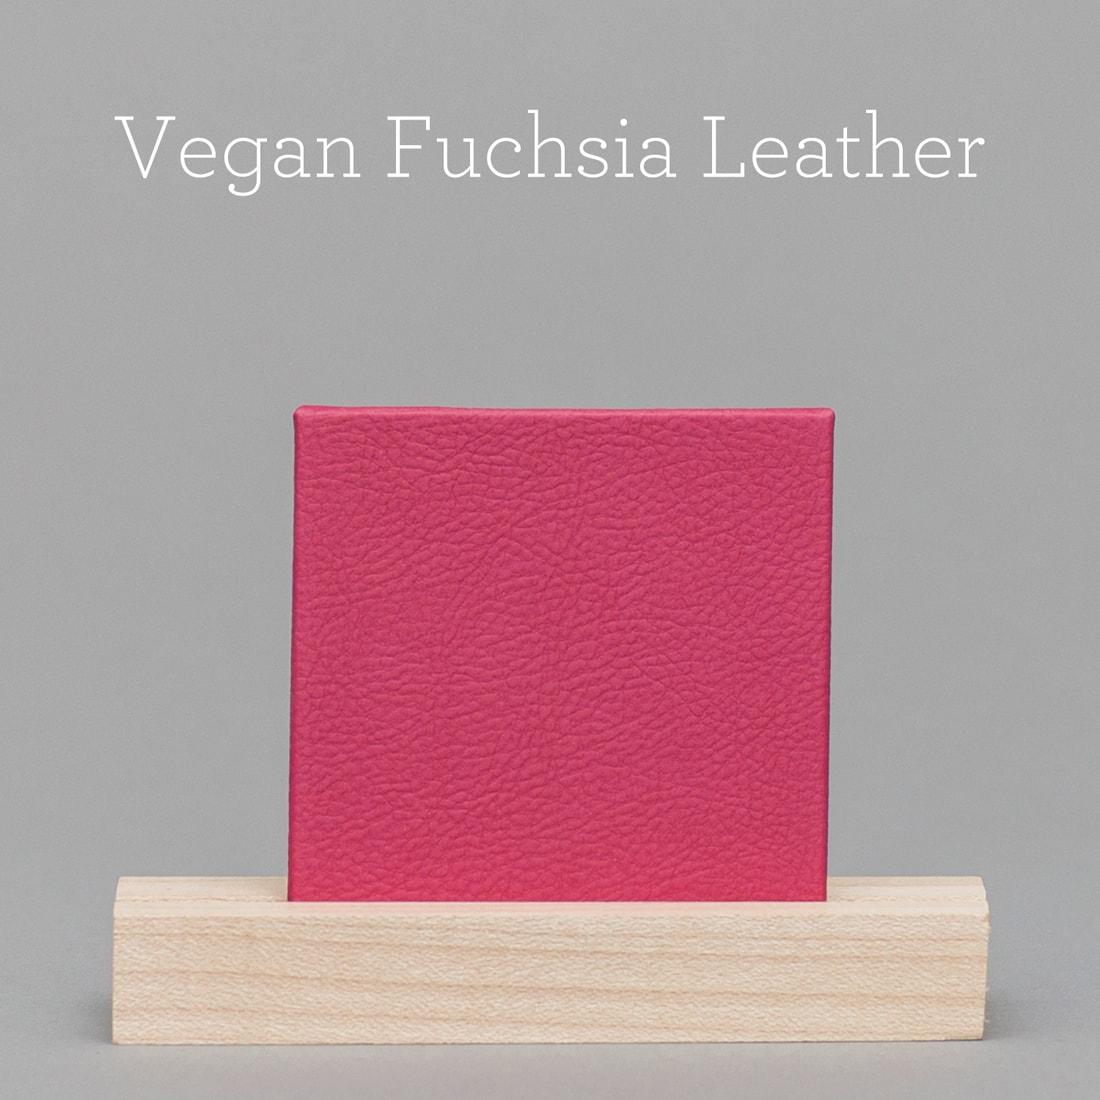 FuchsiaLeather